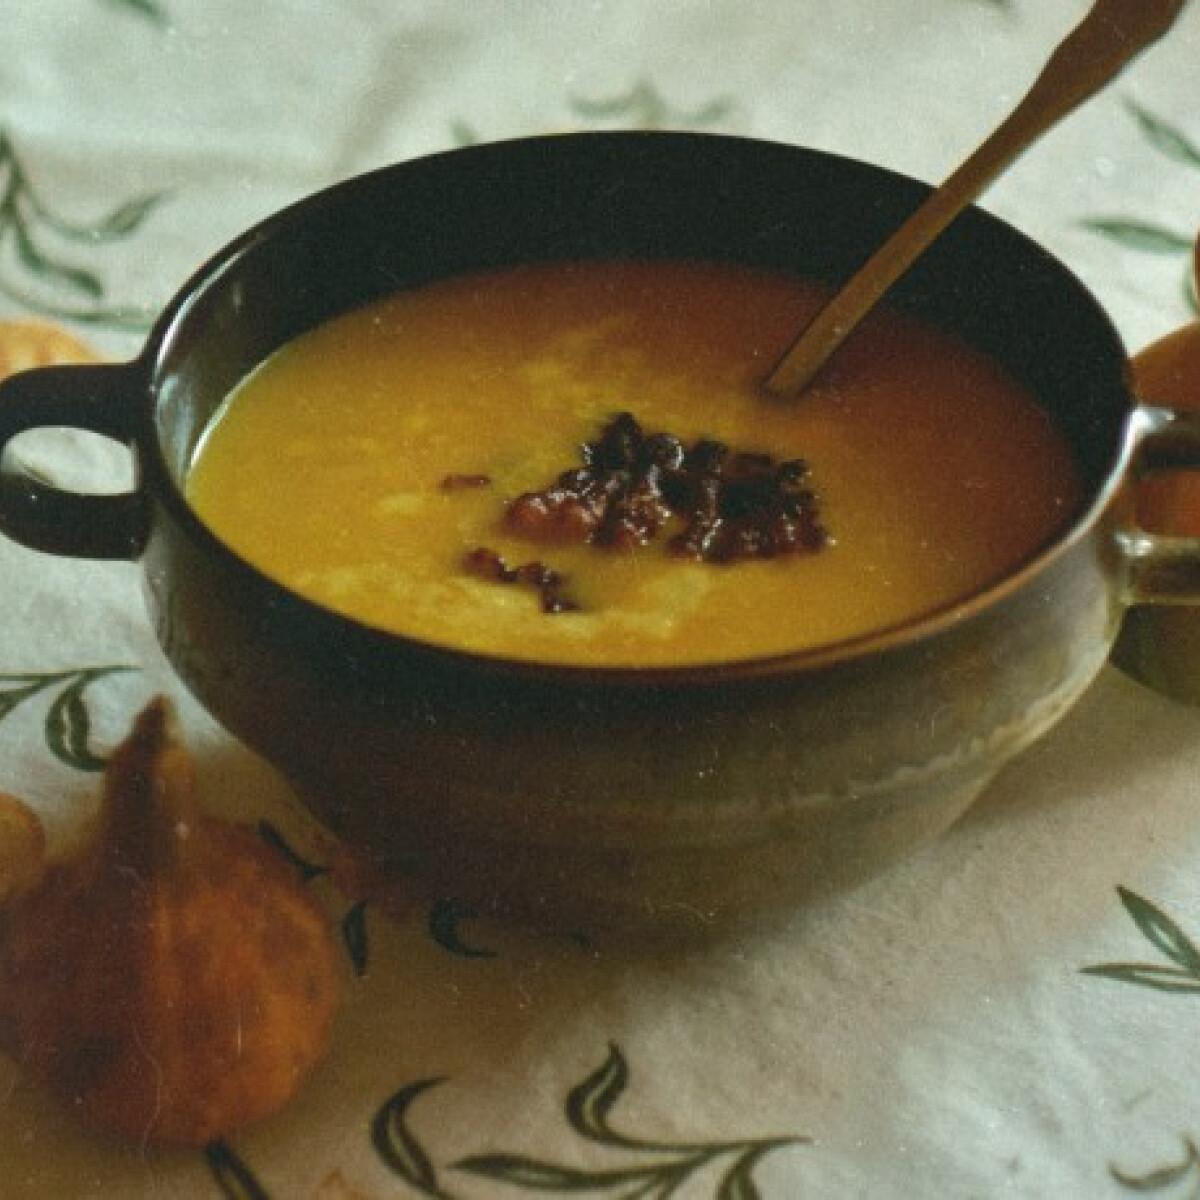 Currys sütőtökkrémleves baconchips-szel